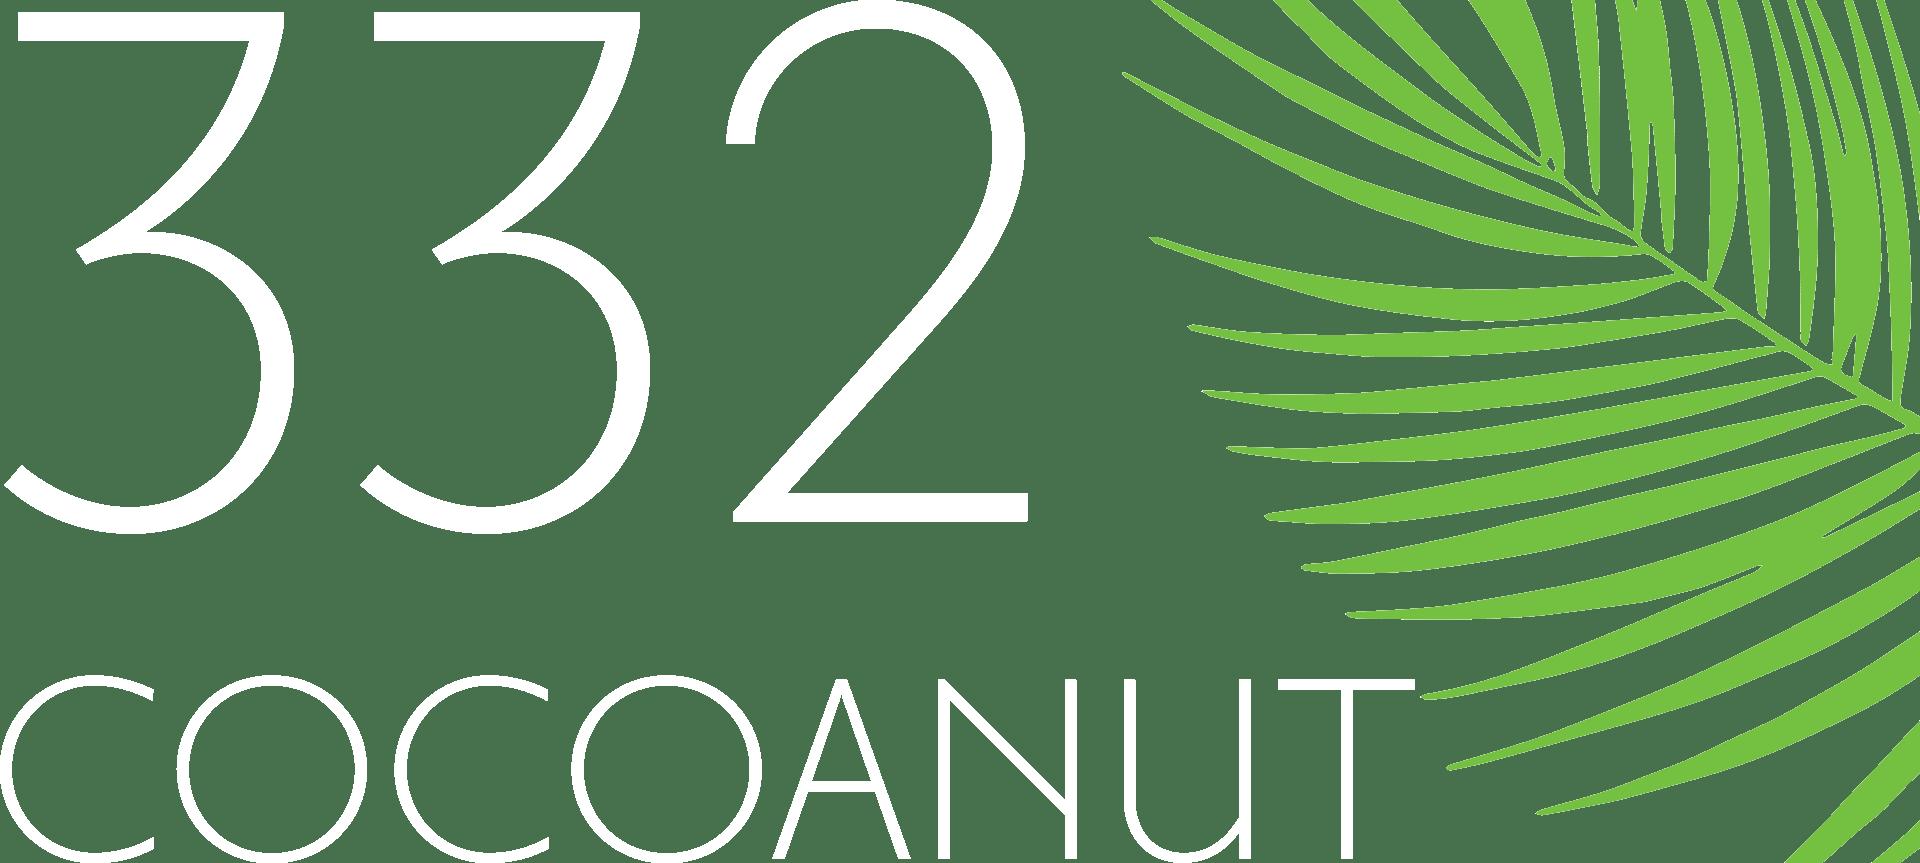 332 Cocoanut Logo